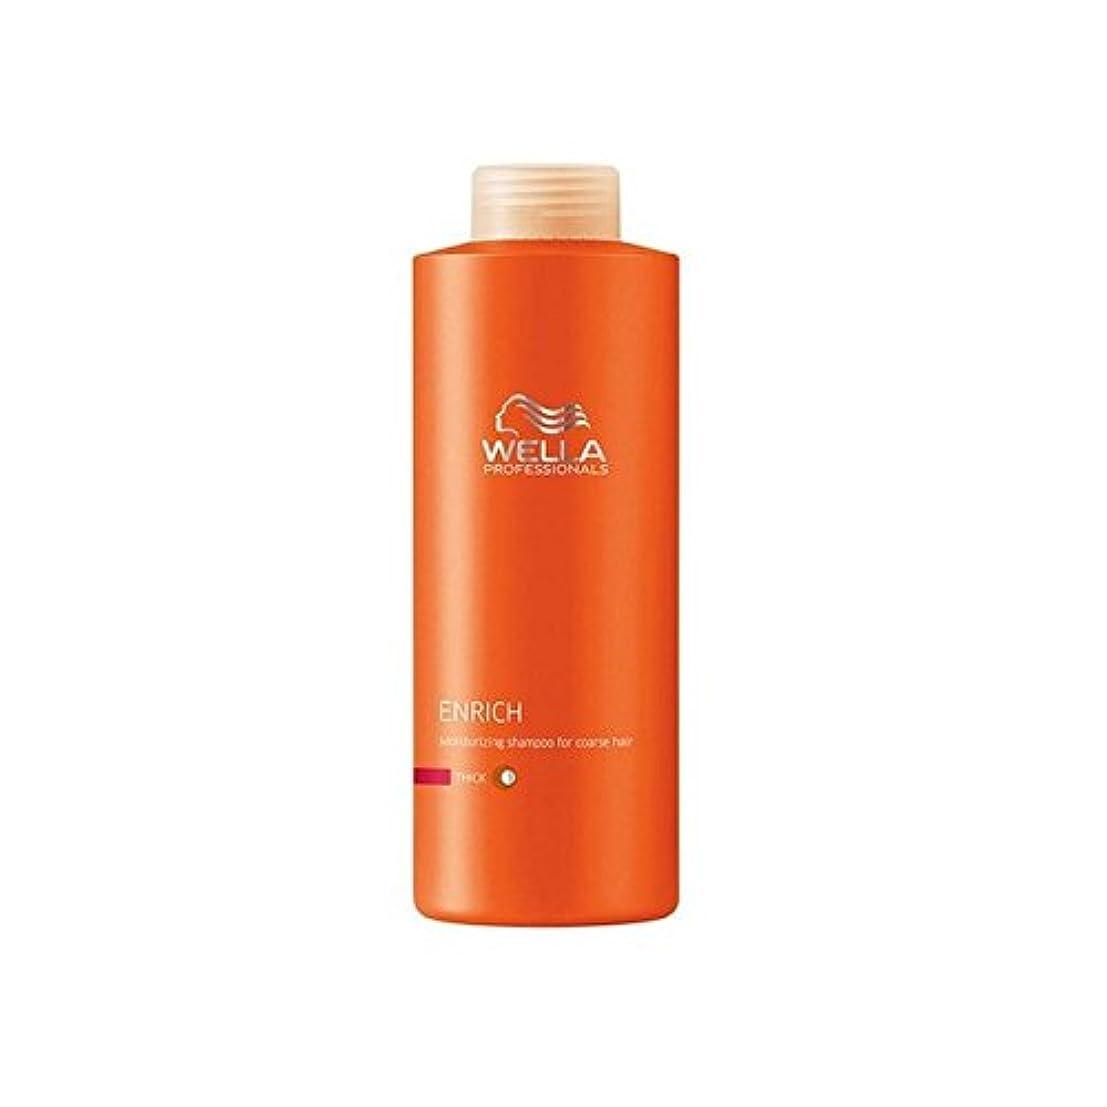 援助発行するコインWella Professionals Enrich Coarse Shampoo (1000ml) - ウェラの専門家は粗いシャンプー(千ミリリットル)を豊かに [並行輸入品]